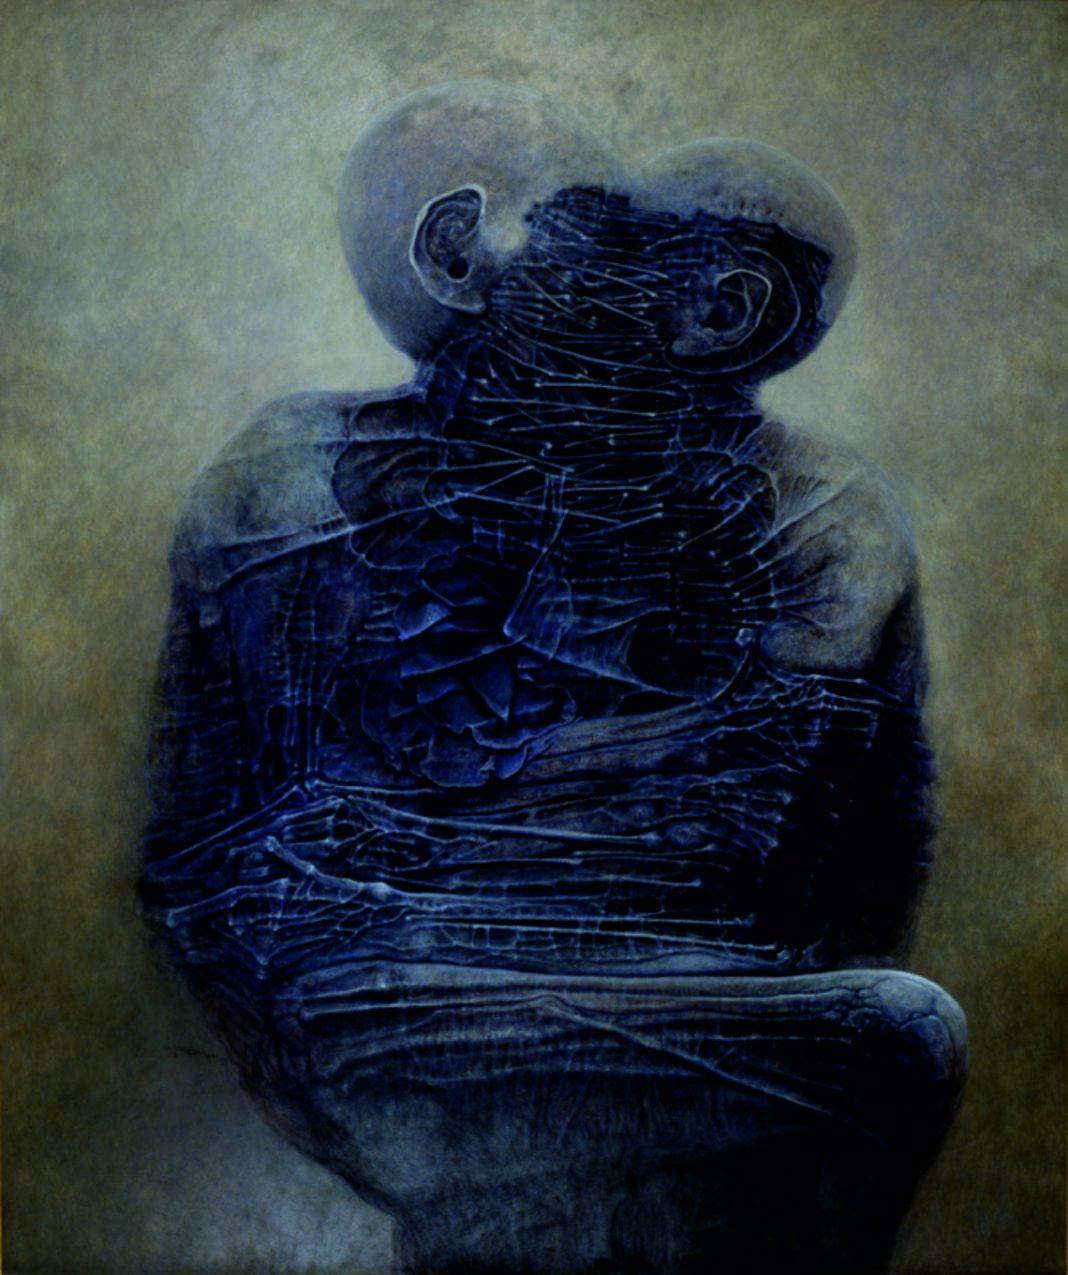 Wystawa Zdzisław Beksiński opowieść cieniem